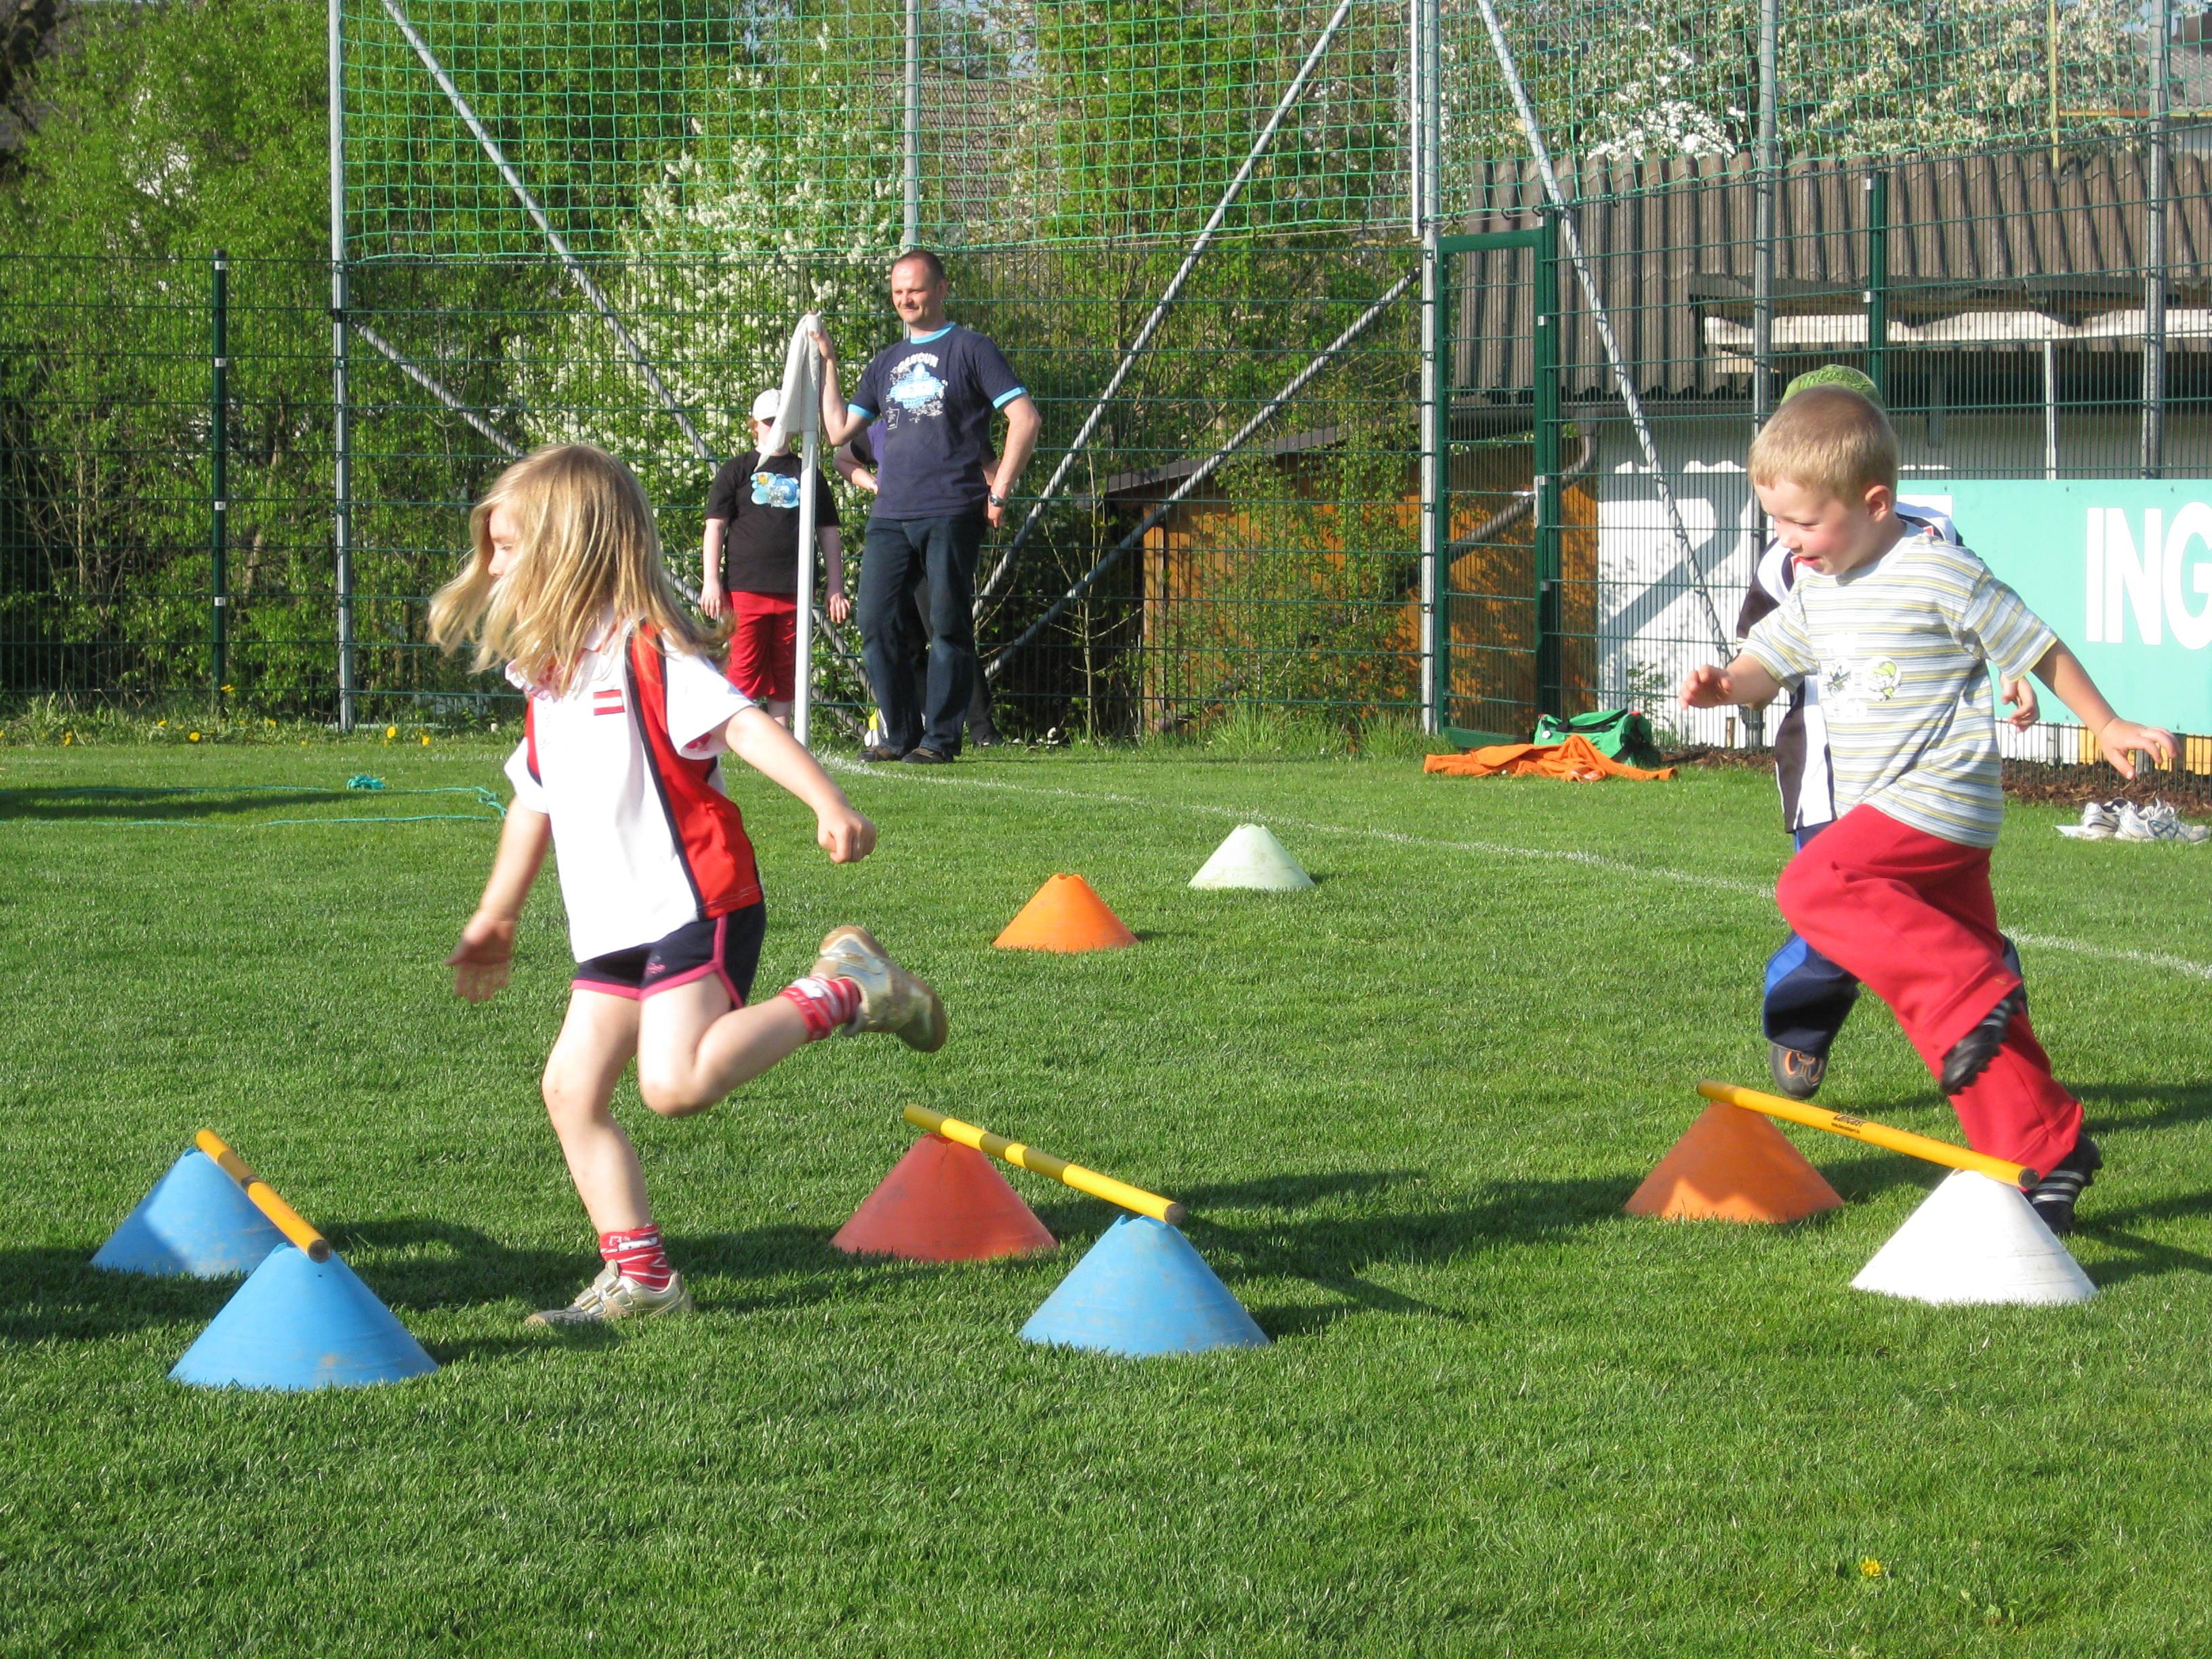 Bambini-Fußball Schweinbach startet am 9.9.